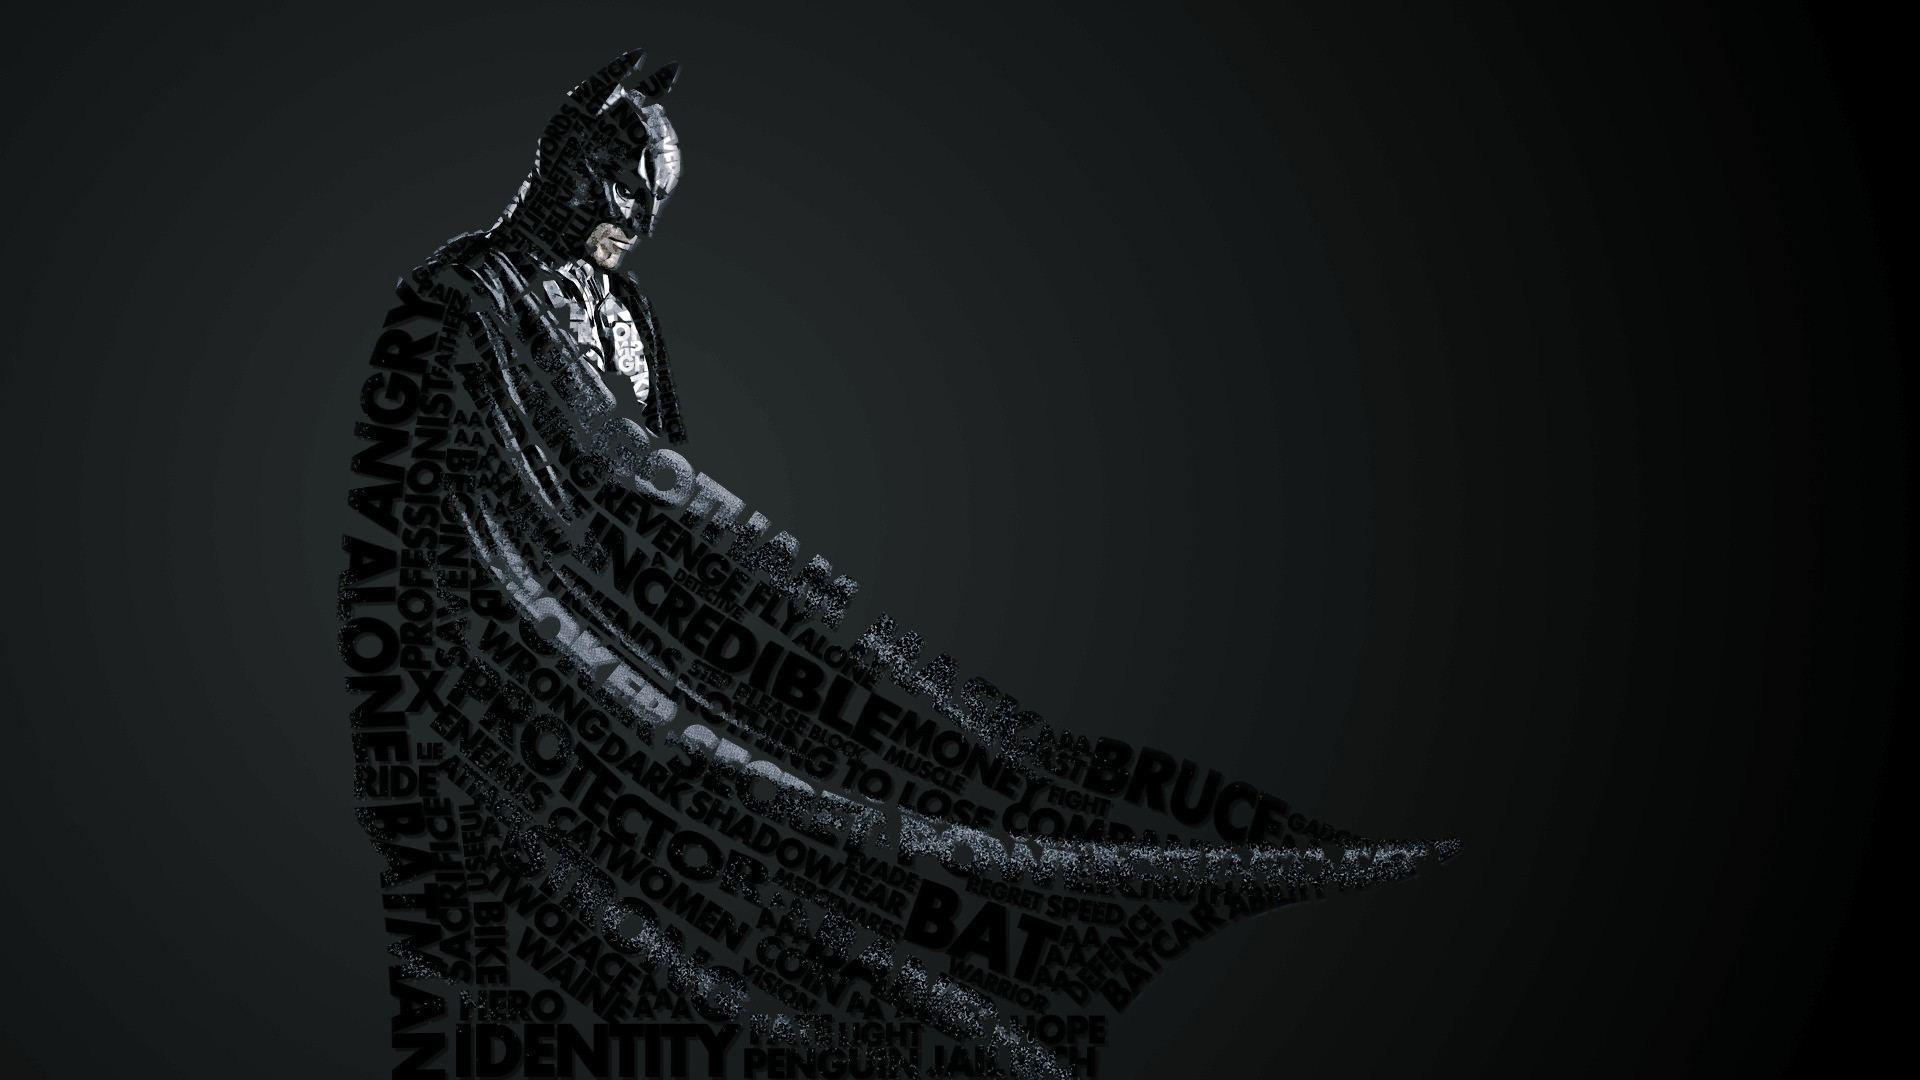 Wallpaper Batman Sculpture Art Style Darkness Wing Computer